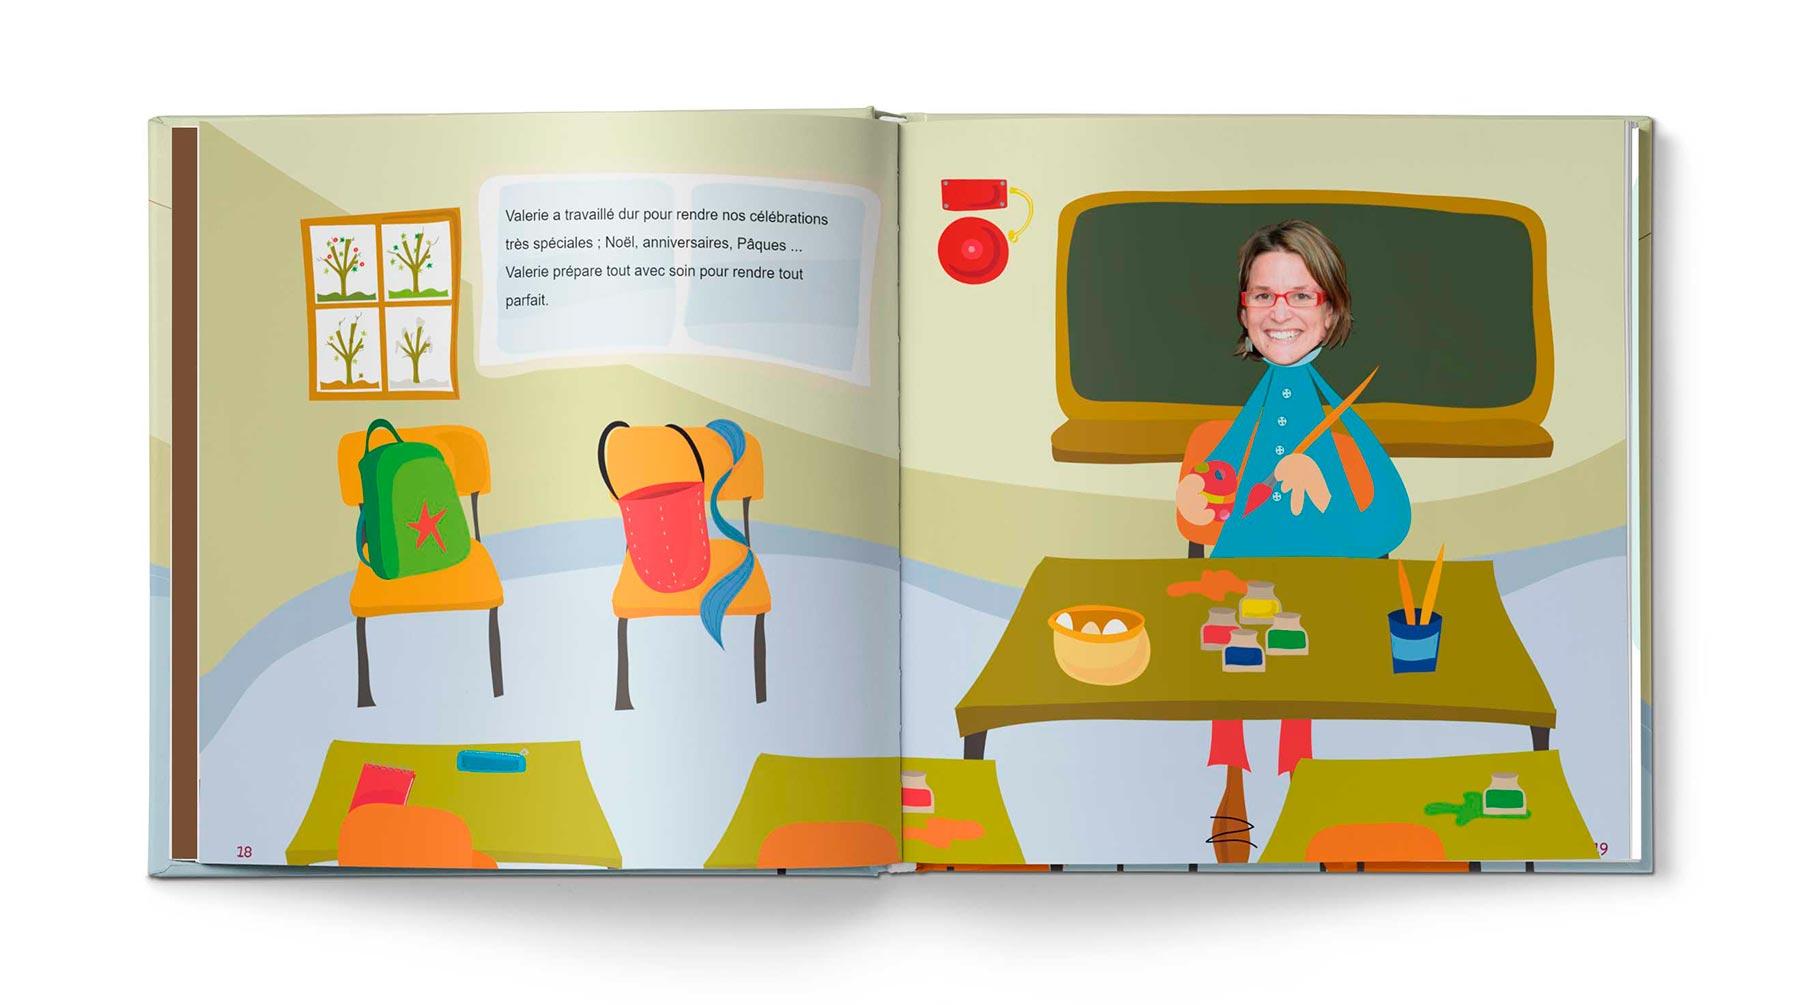 Histoire Le livre d'école - Image 9